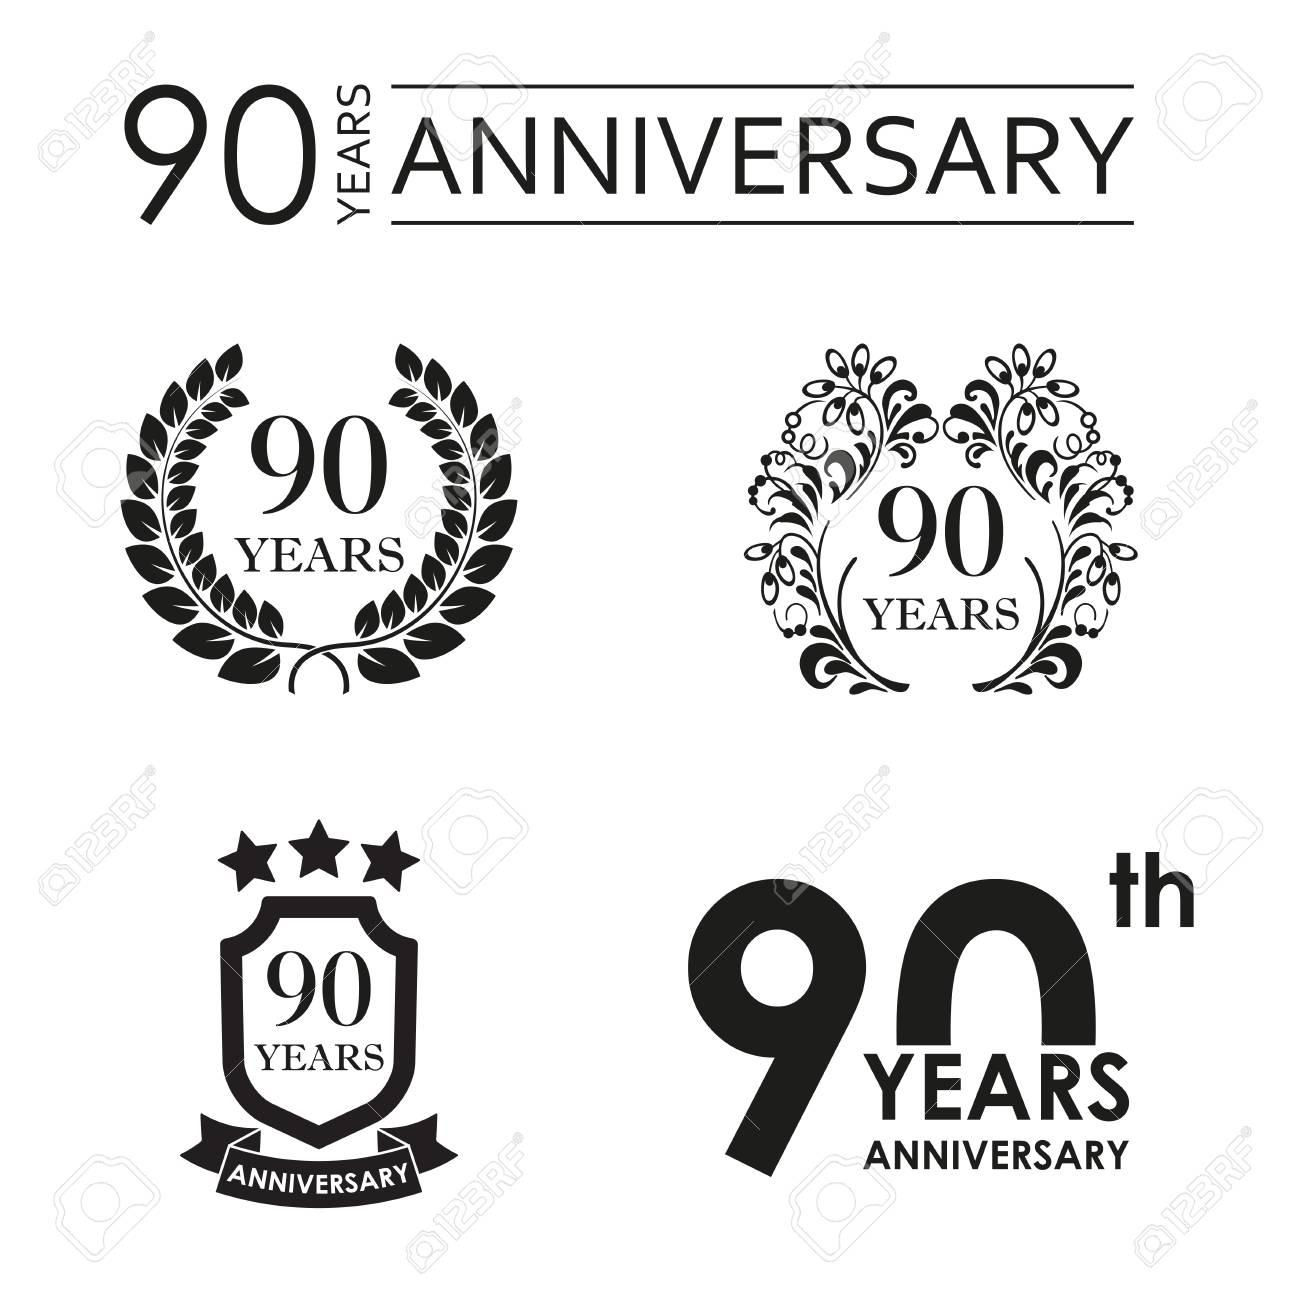 90 Años De Aniversario Icono De Aniversario Emblema O 90 Años Celebración Frase De Celebración Y El Elemento De Diseño De La Historieta Ilustración